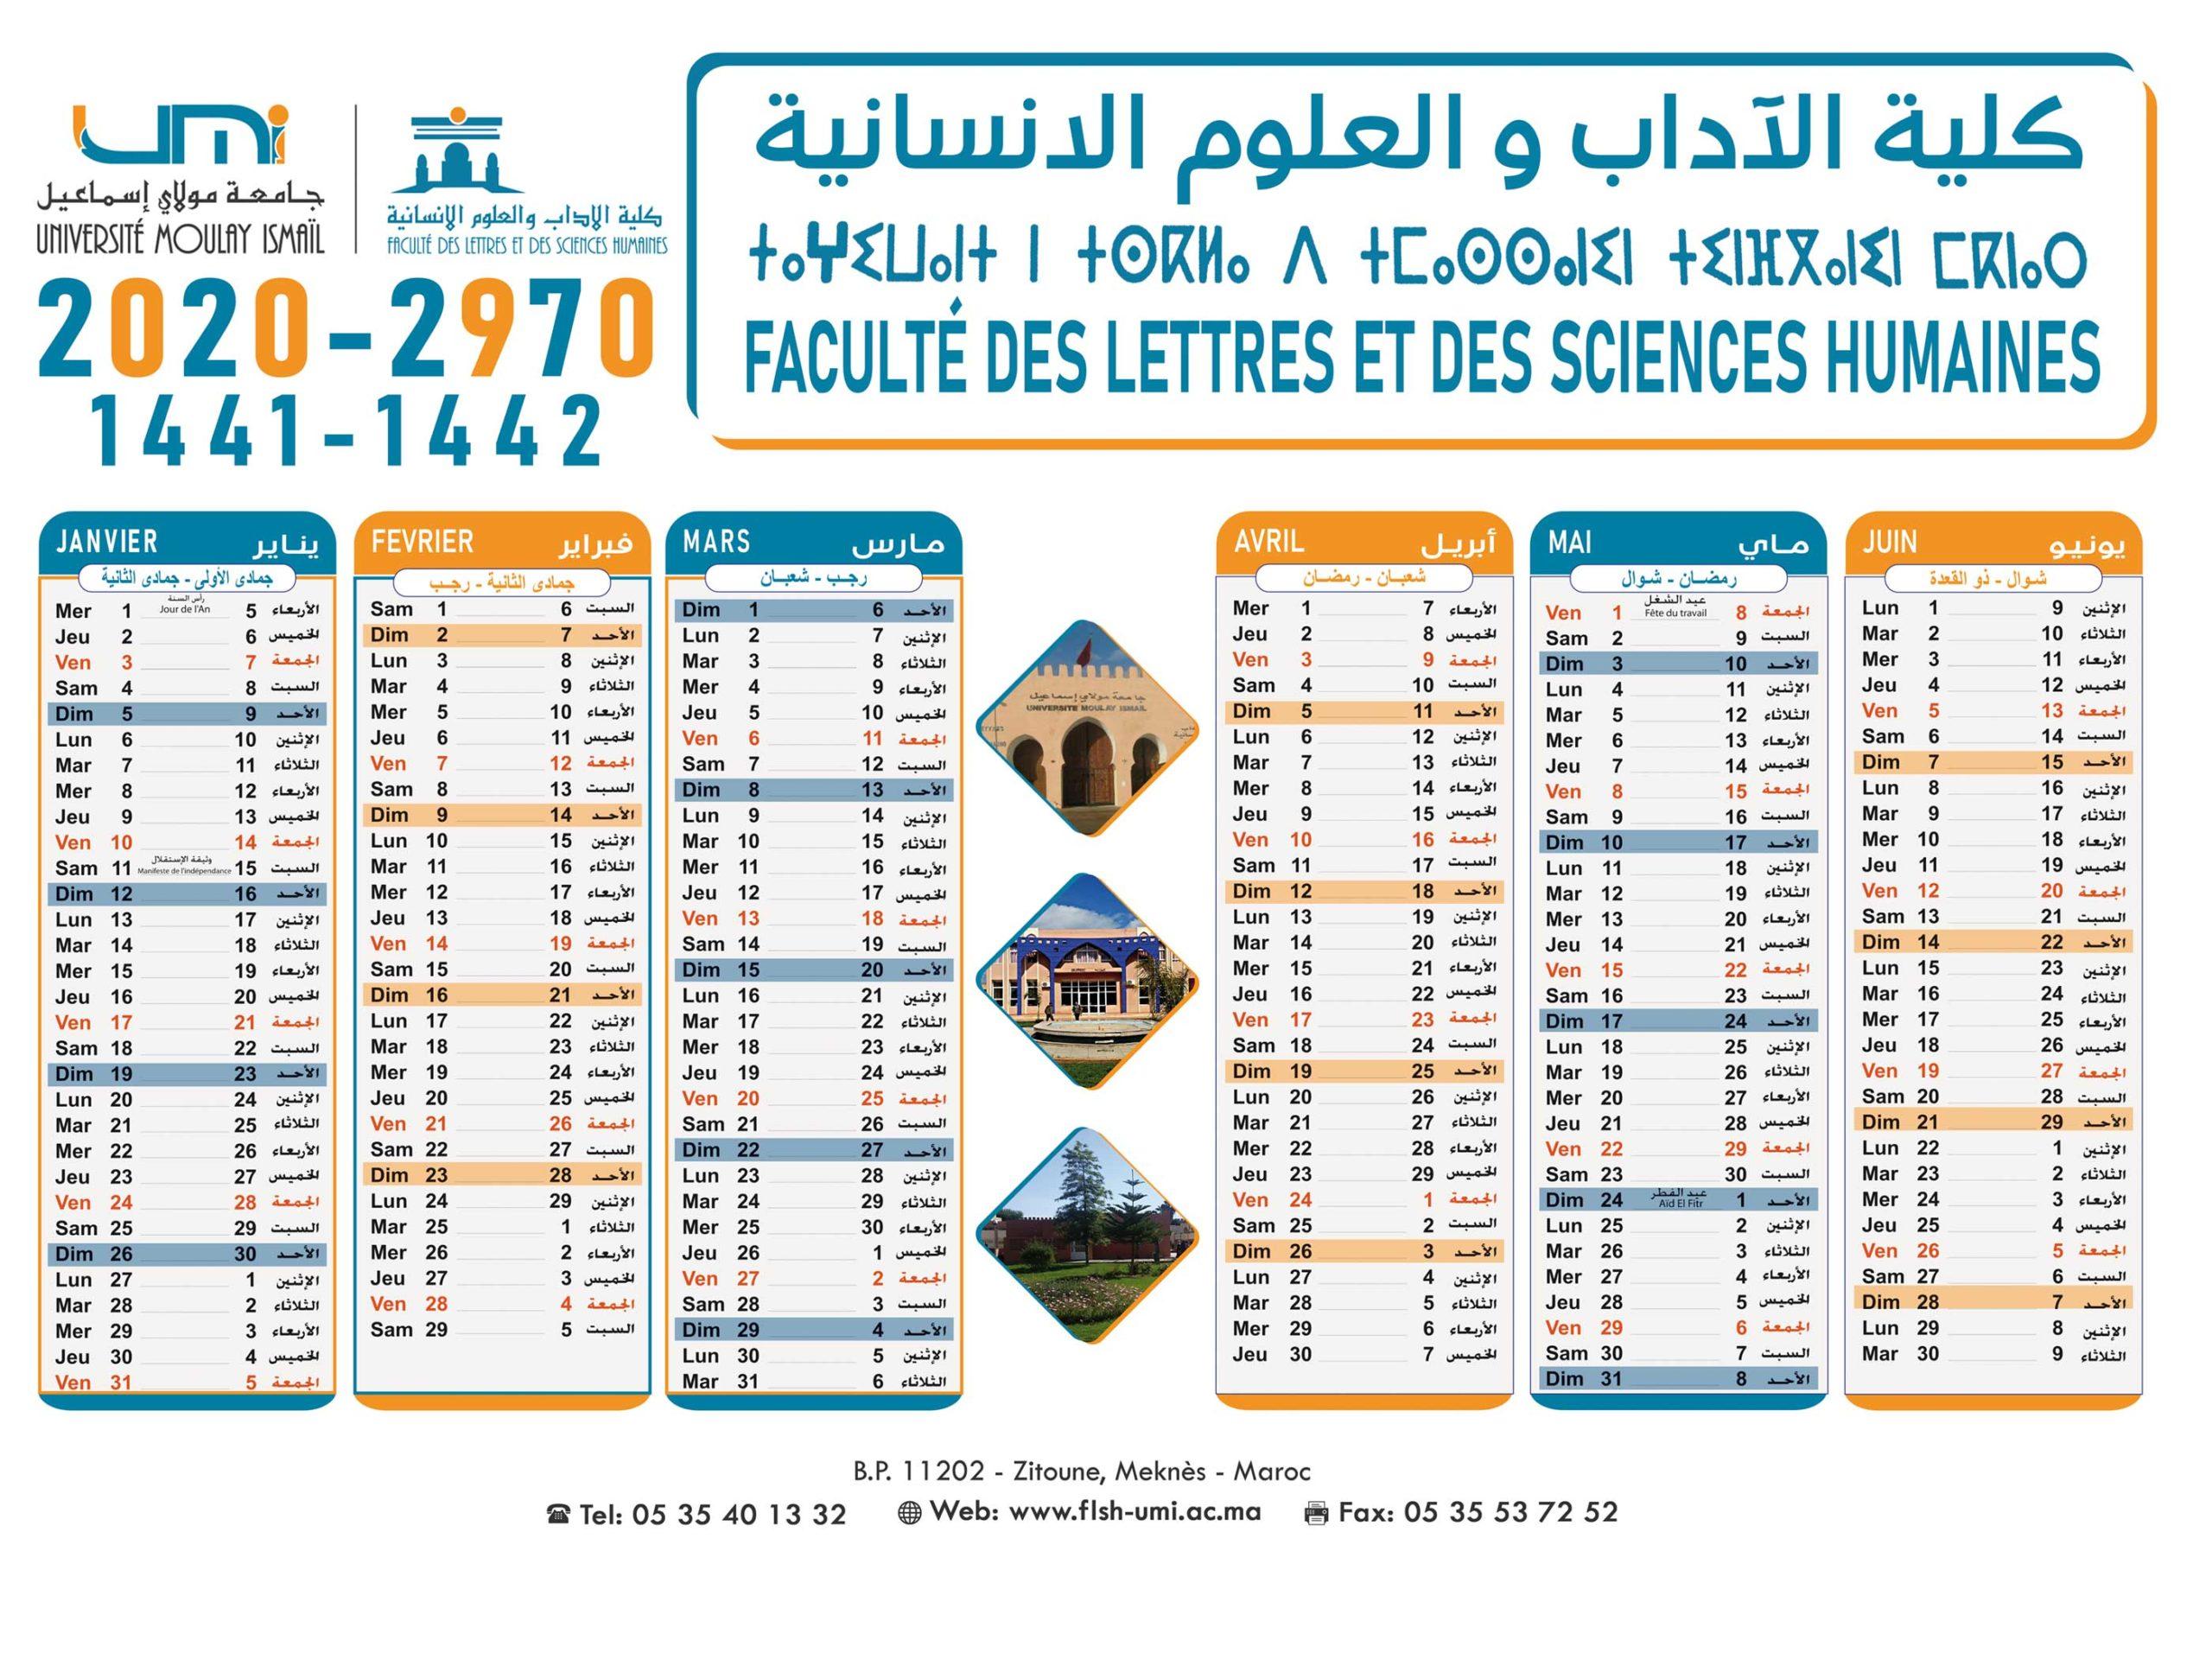 faculty-lettre-calendar-recto